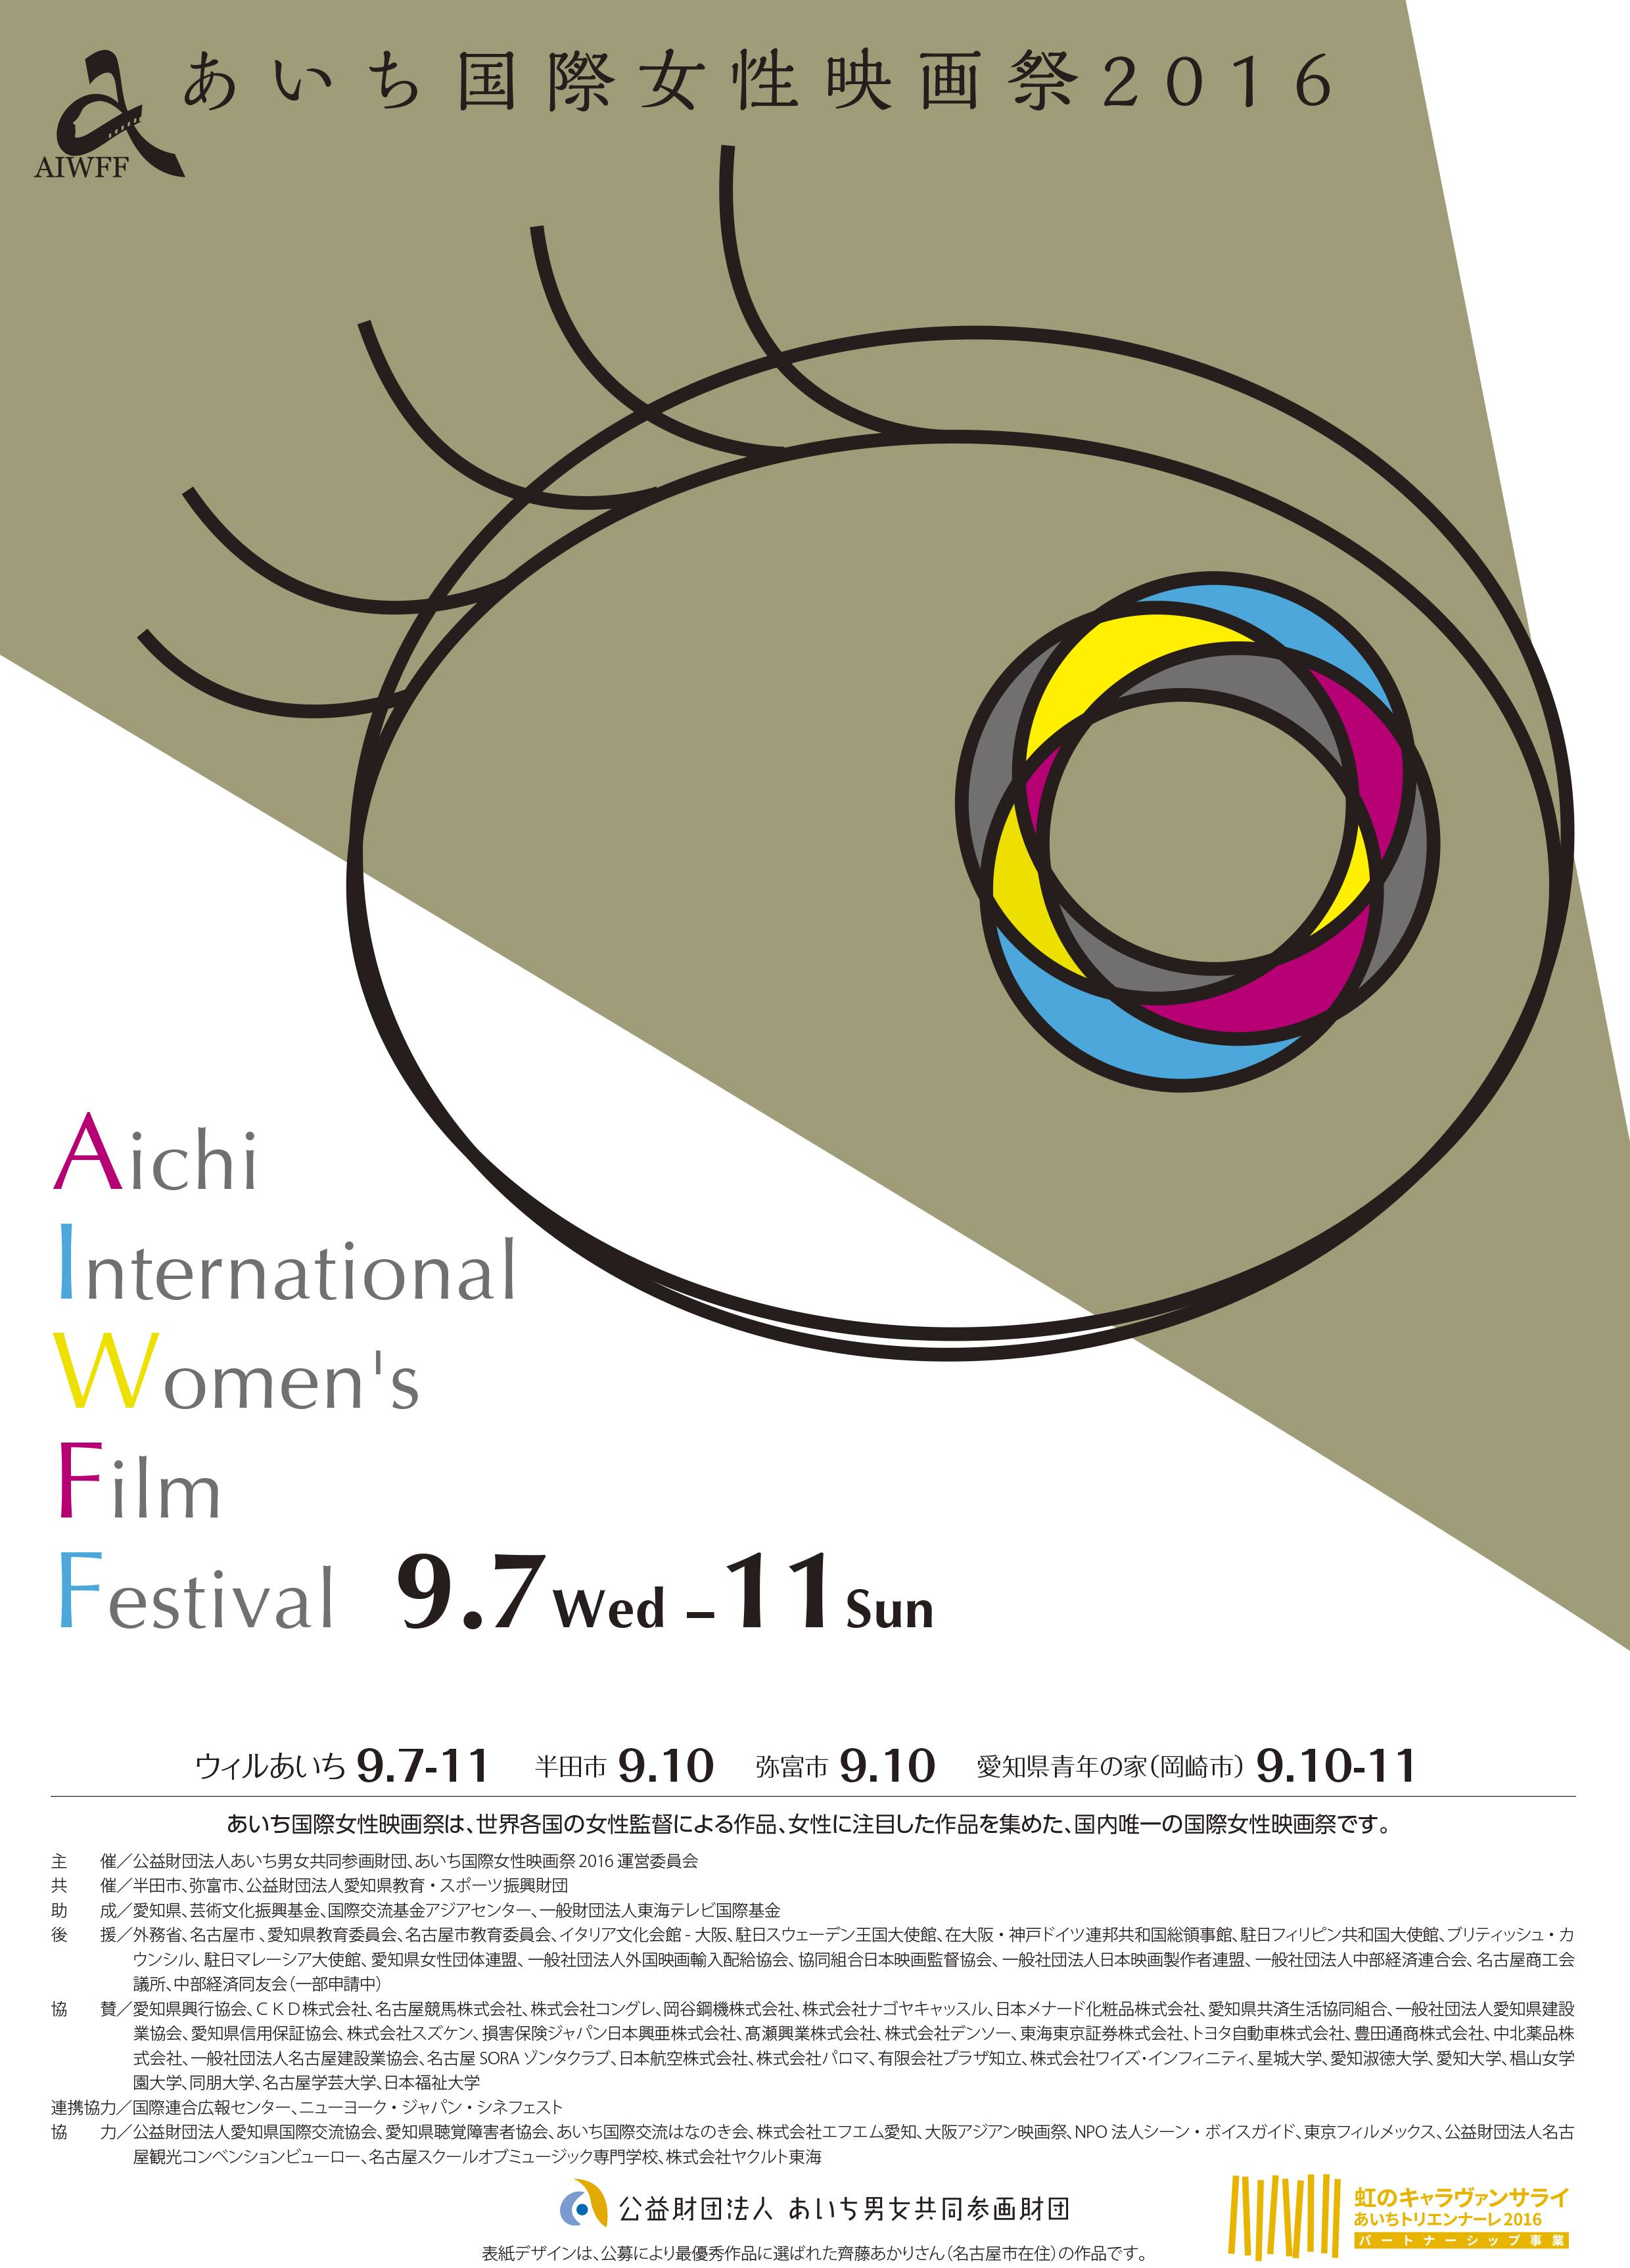 あいち国際映画祭2016